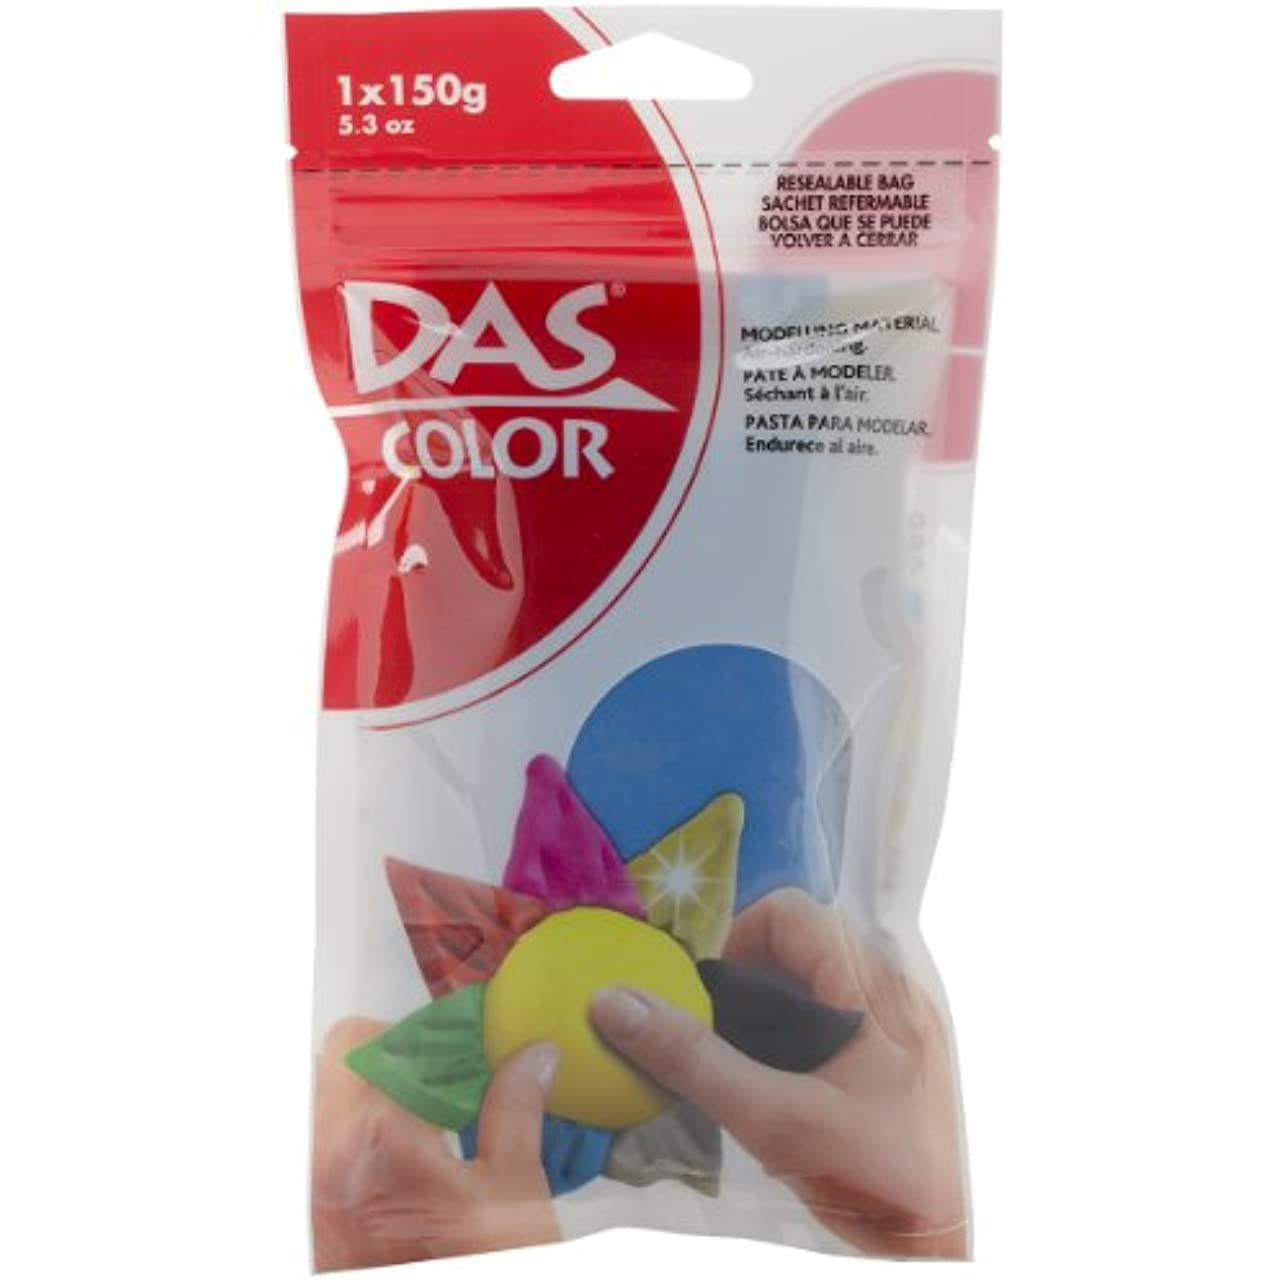 ドール業界実験Das 色空気乾燥粘土 5.3 オンス ターコイズ